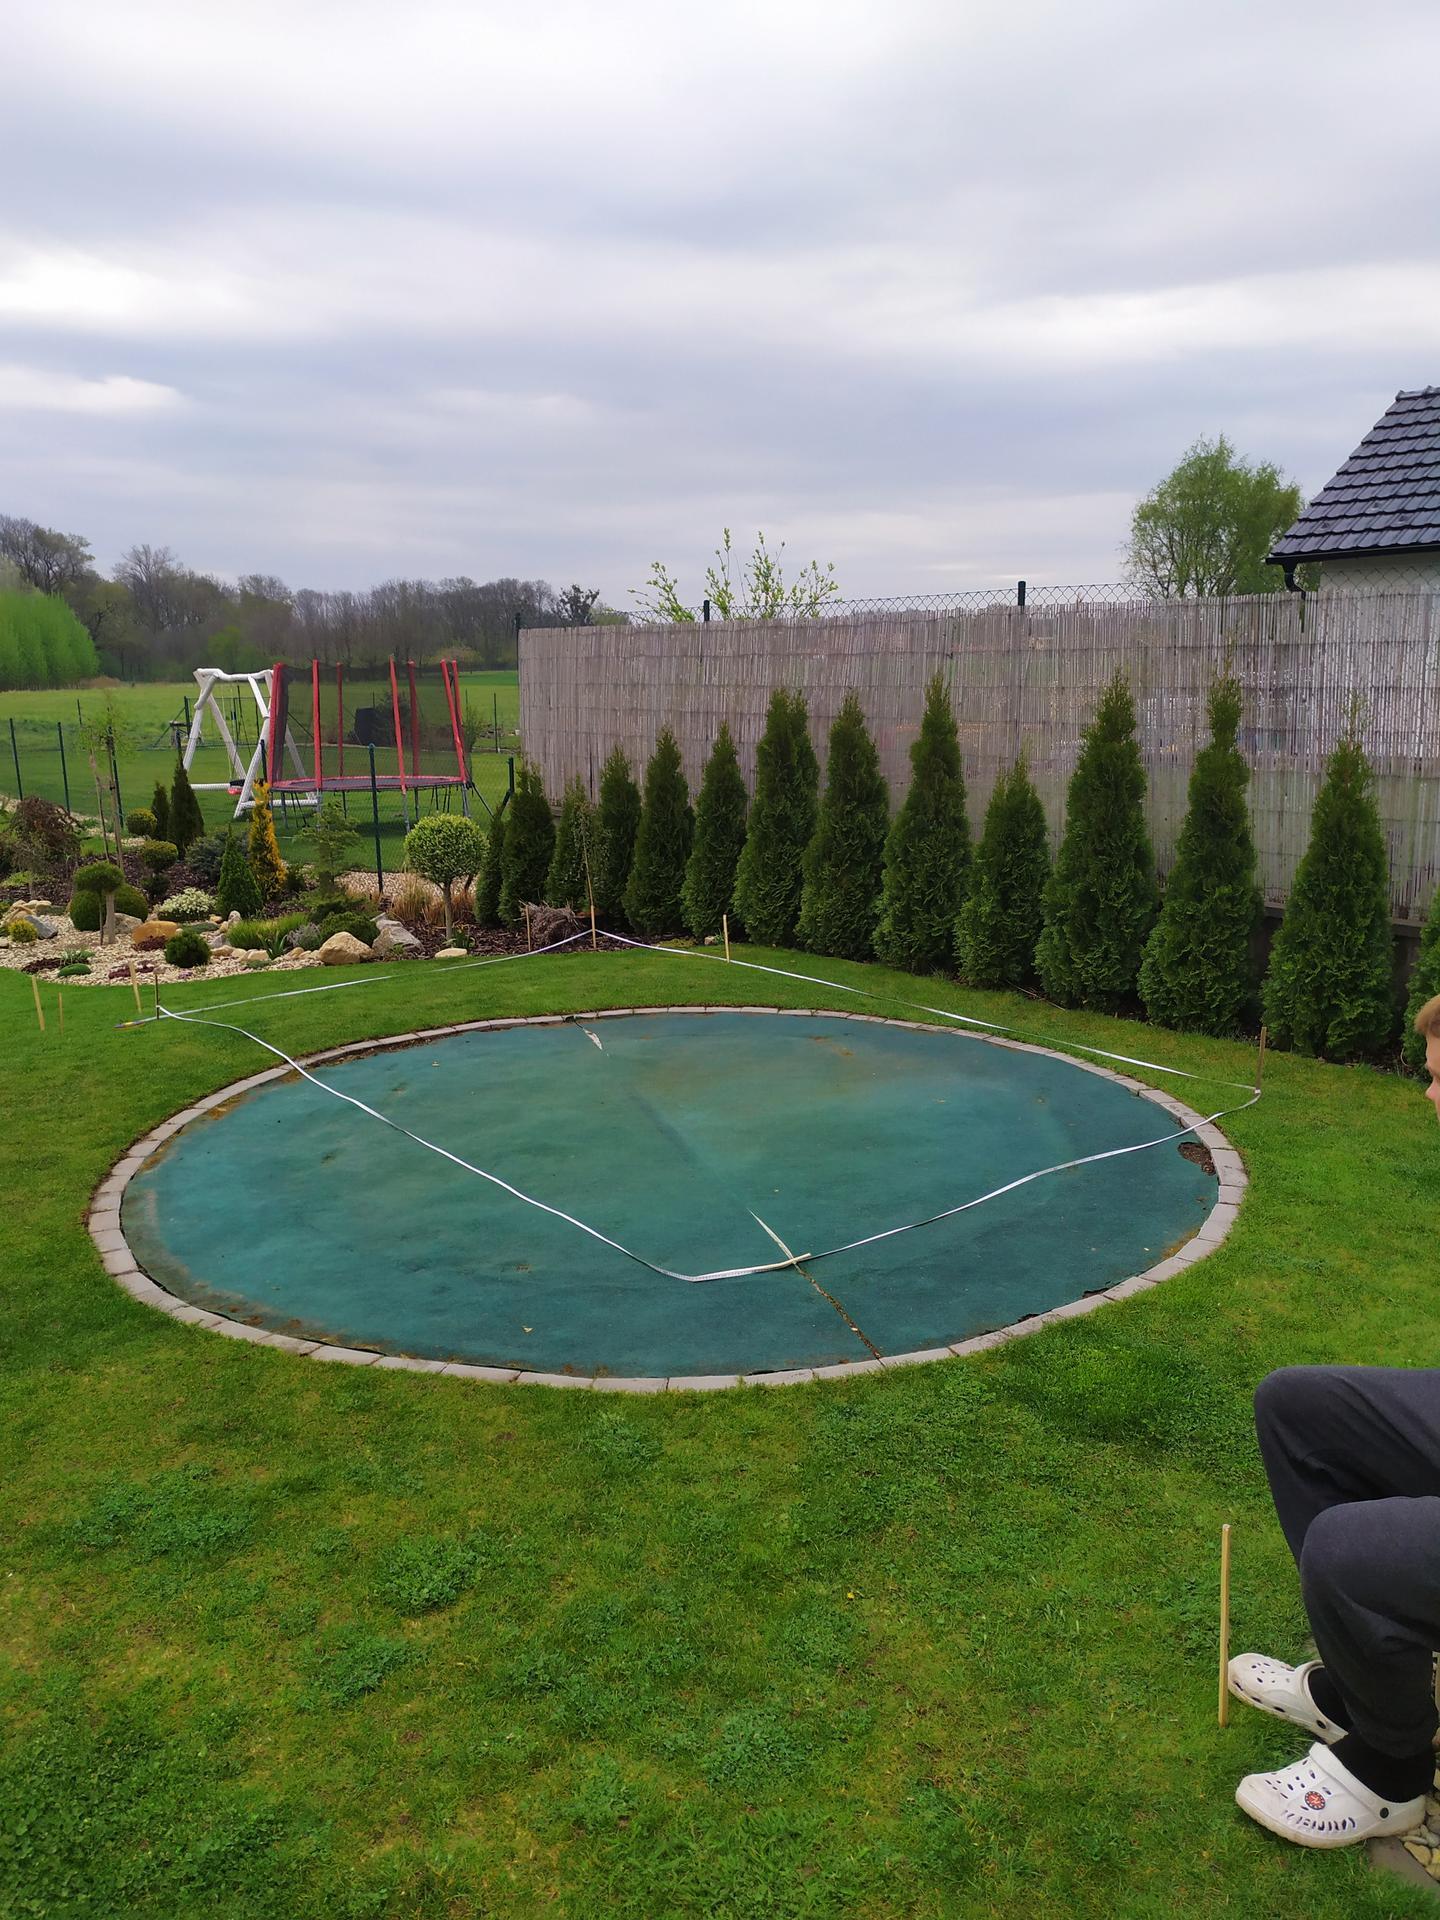 Bazén srpen 2020: doplněk naší zahrady😉 - Plánování březen 2020